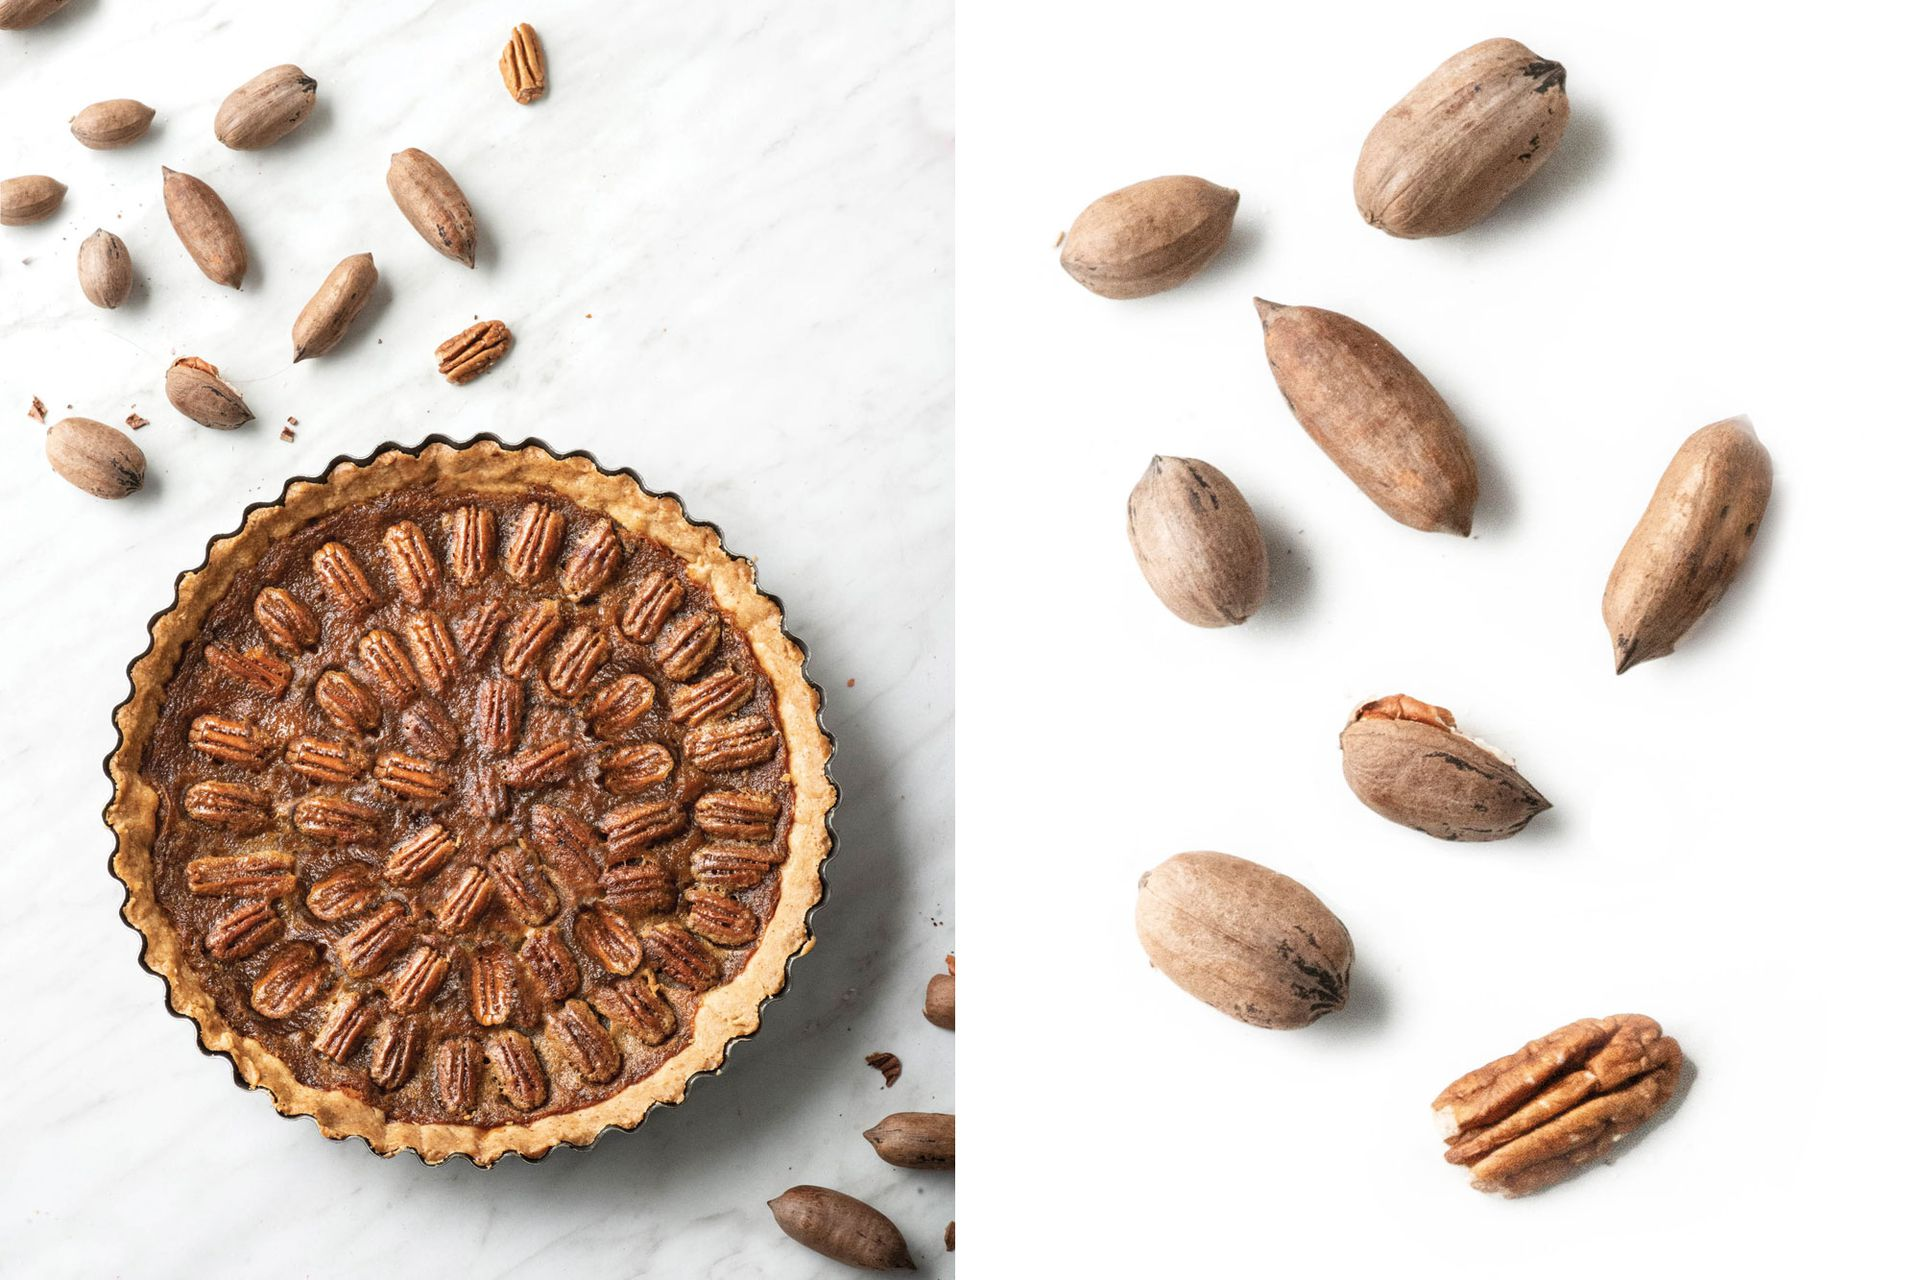 Las nueces son versátiles y pueden incorporarse a muchas recetas. Una de ellas es la tarta de pecán.